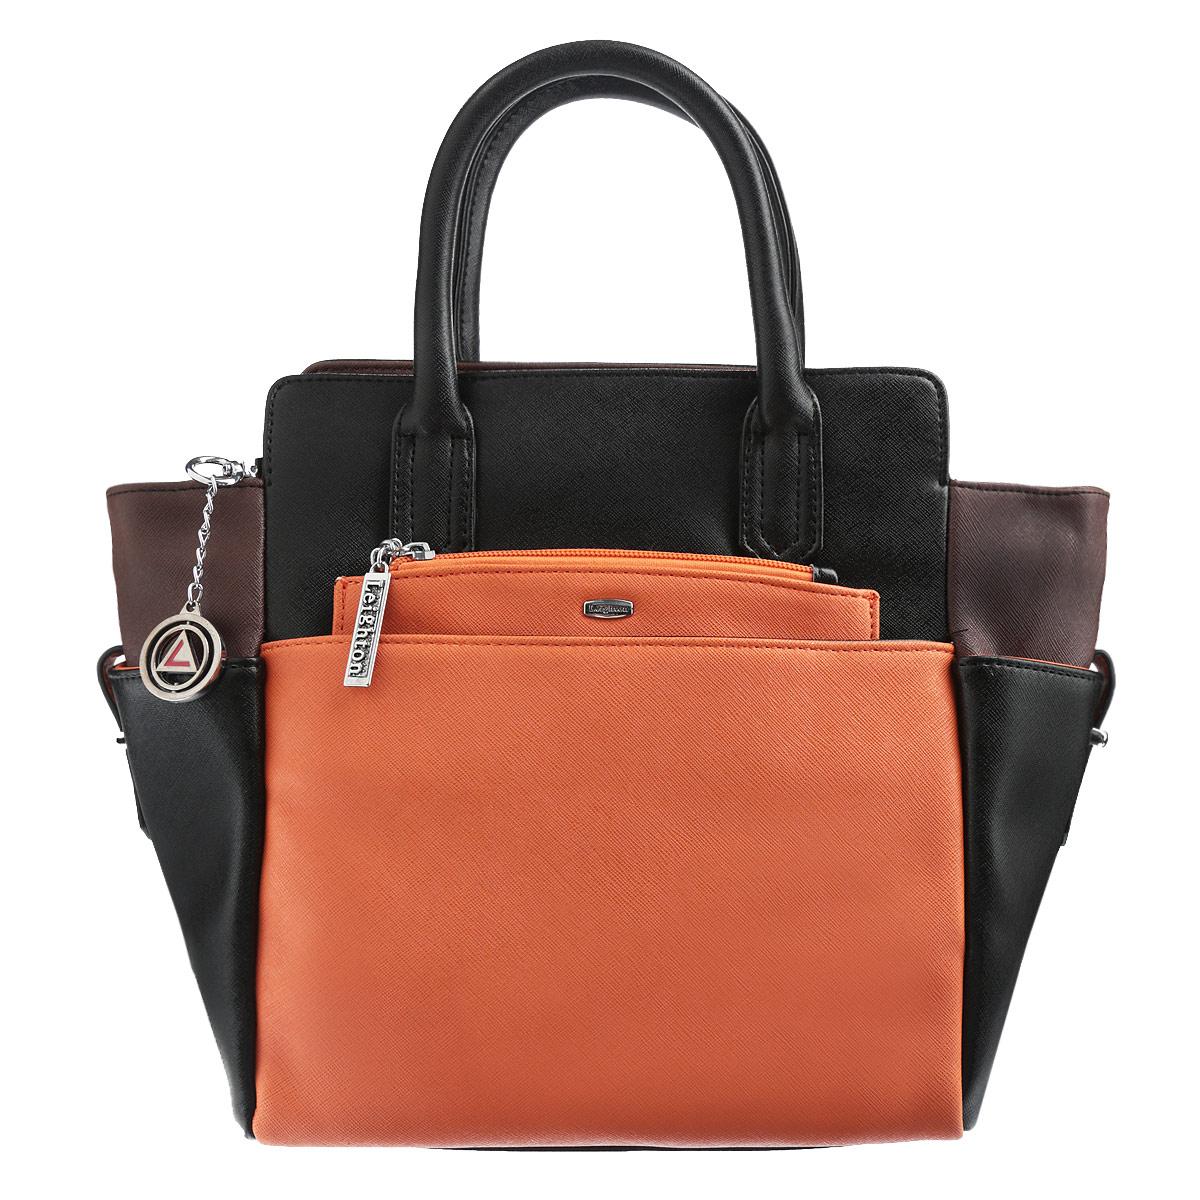 Сумка женская Leighton, цвет: черный, темно-коричневый, оранжевый. 570382-3769/1/3769/7/3769570382-3769/1/3769/7/3769Стильная женская сумка Leighton изготовлена из высококачественной искусственной кожи. Сумка состоит из одного большого отделения. Внутри расположены два накладных кармашка для мелочей, один вшитый карман на застежке-молнии и смежный карман на застежке-молнии. Тыльная и фронтальная стороны сумки дополнены карманами на магнитных кнопках. Также сумка дополнена съемным карманом-портмоне на цепочке, который надежно закрепляется на магнитной кнопке в одном из карманов, но при необходимости может быть извлечен. На внутренней части сумки находятся два прорезных кармана на застежке-молнии, расположенные выше основного отделения. Боковые стороны сумки также оснащены небольшими карманами на ремешках. Сумка имеет удобные ручки для переноски и плечевой ремень с регулируемой длиной. Дно защищено четырьмя металлическими ножками, обеспечивающими необходимую устойчивость. Сумка Leighton - это практичный и удобный аксессуар, который станет функциональным дополнением...